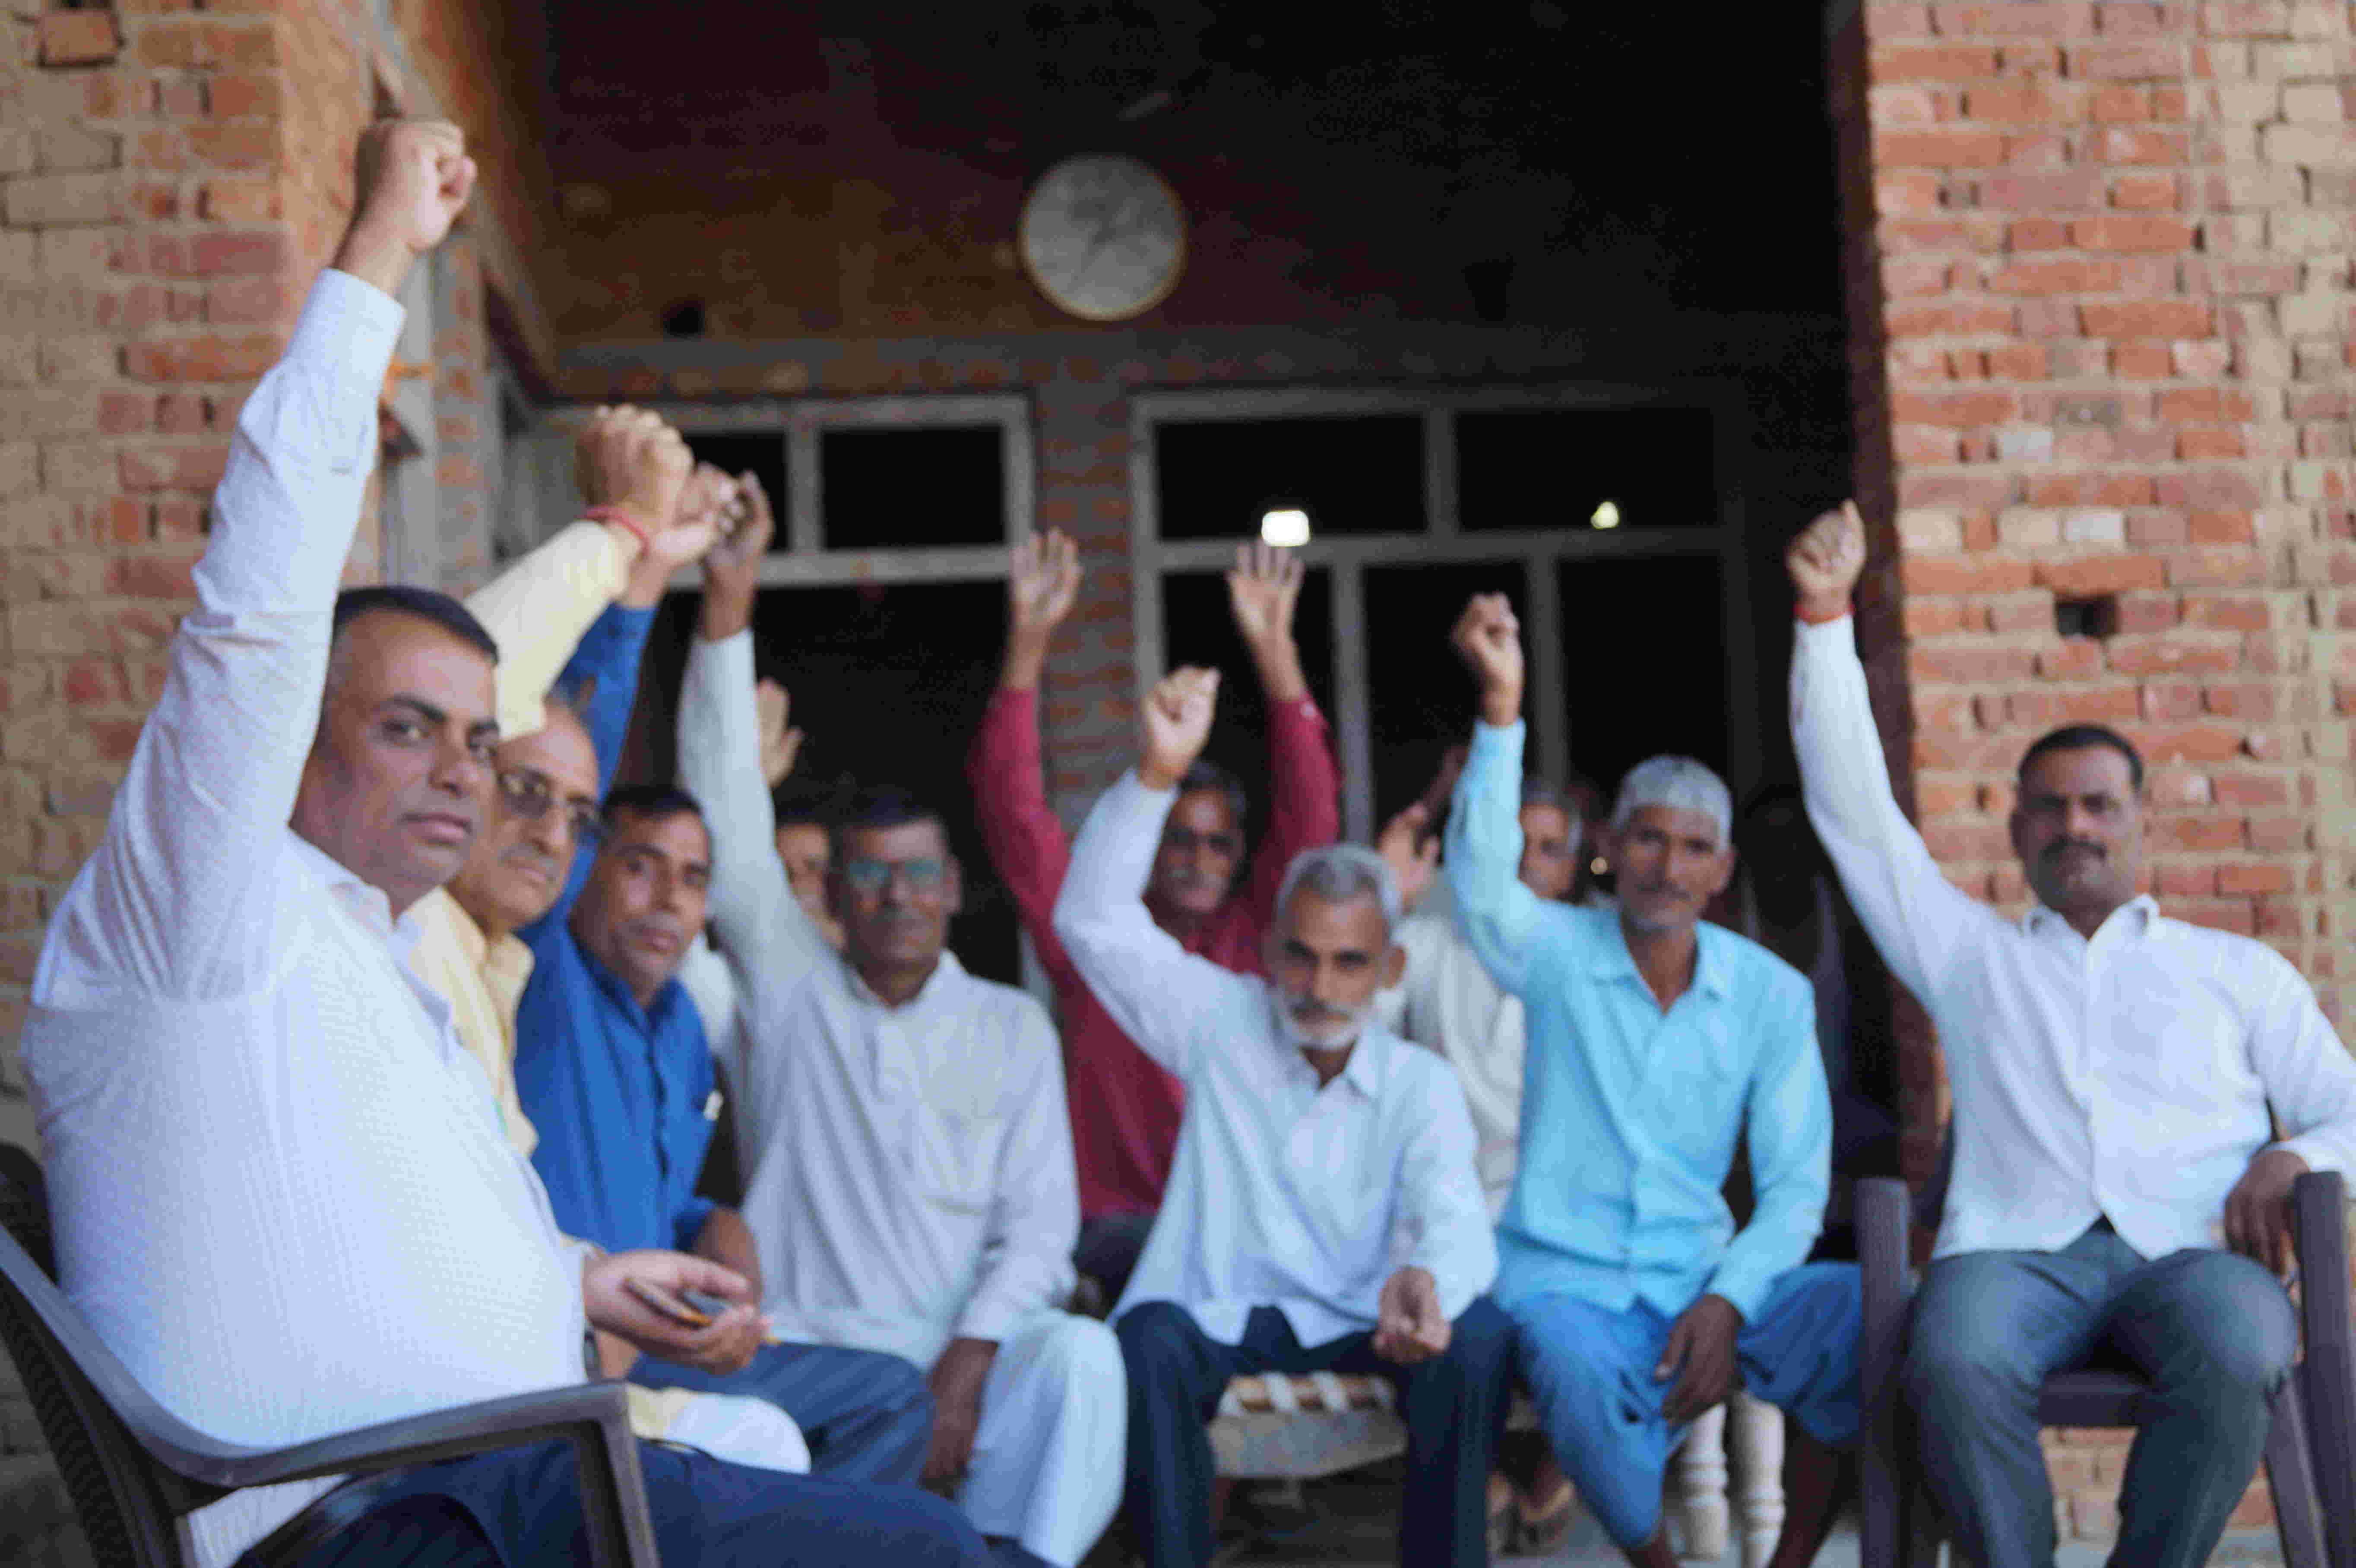 किसानों की लड़ाई लड़ रहे सरदार बी एम सिंह के नेतृत्व में 19 अक्टूबर किसान भरेंगे मुरादाबाद में हुंकार